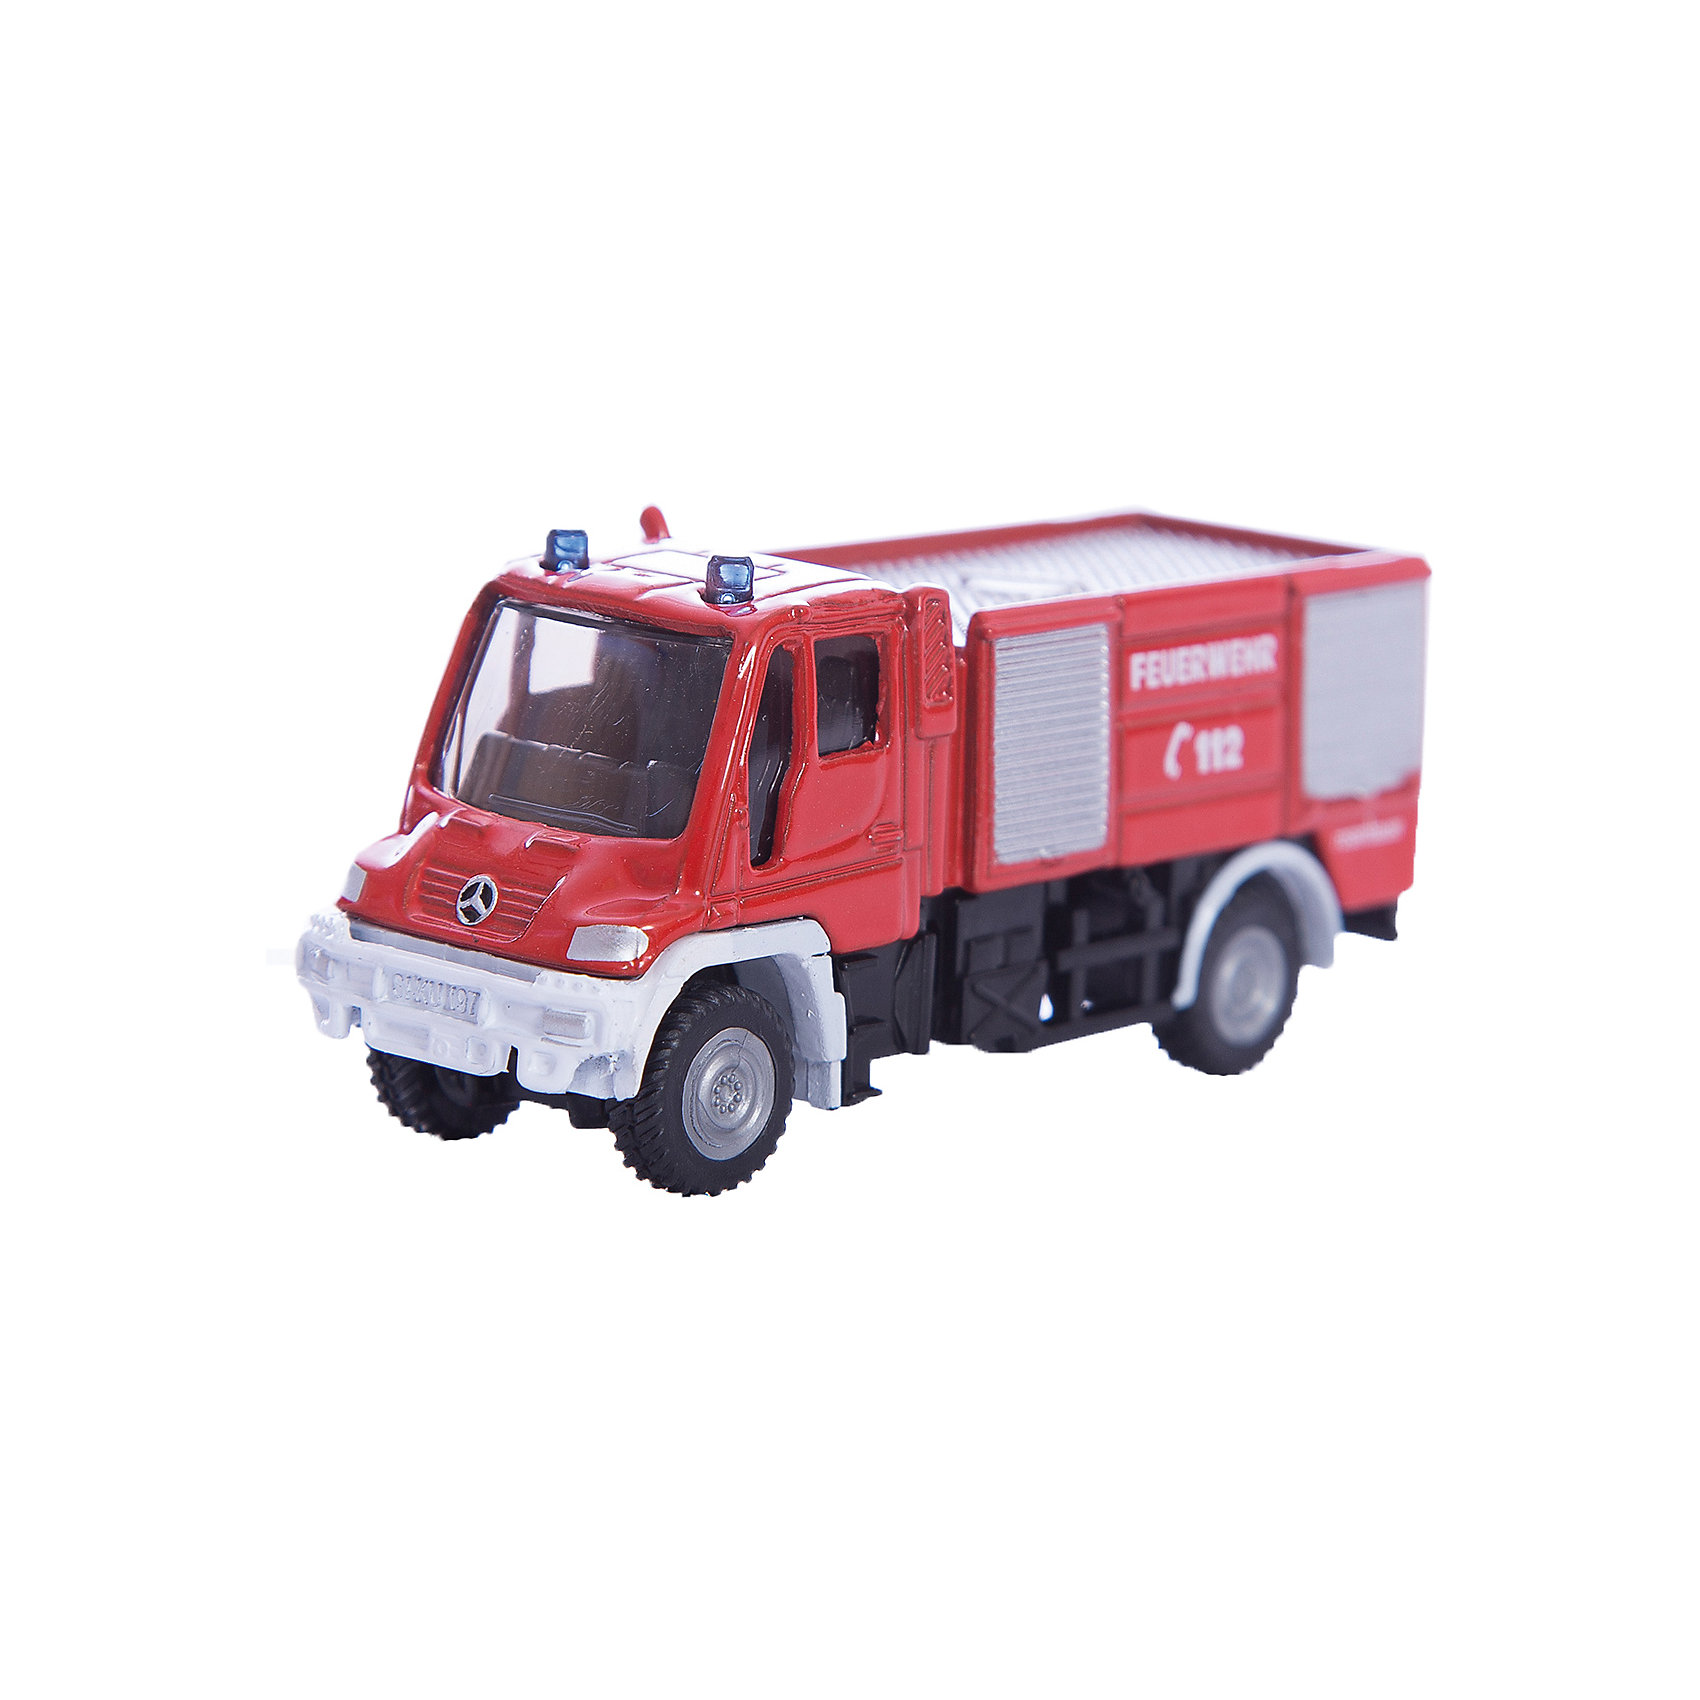 SIKU 1068 Пожарная машина Unimog 1:87Масштабная модель SIKU (СИКУ) 1068 Пожарная машина Unimog 1:87, выпускавшейся в 70-е годы 20 века.<br><br>Модель окрашена в традиционный красный цвет, на борта машины нанесены отличительные знаки. Корпус выполнен из металла, лобовое и боковые стёкла из прозрачной тонированной пластмассы, колёса выполнены из пластика и вращаются, можно катать. Сзади есть сцепное устройство, можно использовать с прицепом SIKU (СИКУ).<br><br>Дополнительная информация:<br>-Материал: металл с элементами пластмассы<br>-Размер игрушки: 7,7 x 2,5 x 3,5 см<br>-Материал: металл, пластик, резина<br><br>Благодаря высокому качеству исполнения и сохранению высокой детализации, эта игрушка будет интересна не только детям, но и взрослым коллекционерам.<br><br>SIKU (СИКУ) 1068 Пожарную машину Unimog 1:87 можно купить в нашем магазине.<br><br>Ширина мм: 96<br>Глубина мм: 78<br>Высота мм: 30<br>Вес г: 60<br>Возраст от месяцев: 36<br>Возраст до месяцев: 96<br>Пол: Мужской<br>Возраст: Детский<br>SKU: 1519997